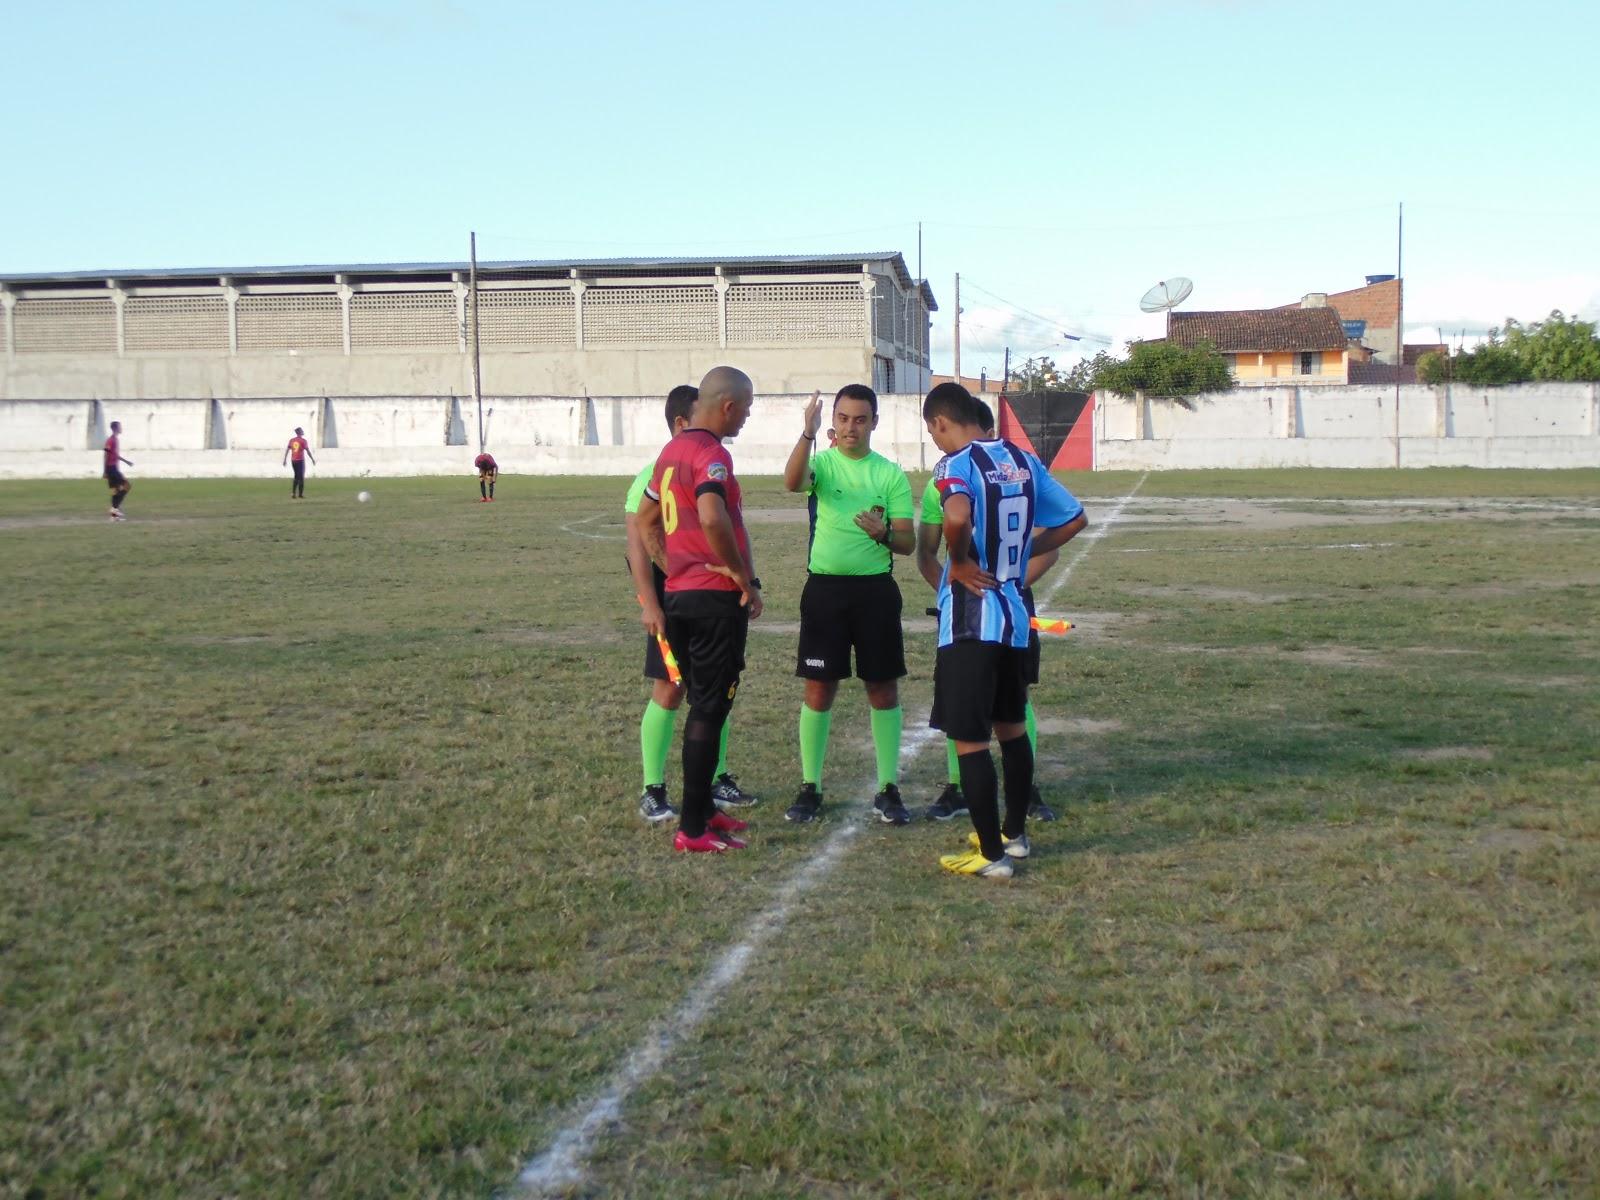 08996a4260 Tarde de lindos gols no Estádio Erasmo Feitosa! - Tudo sobre o ...